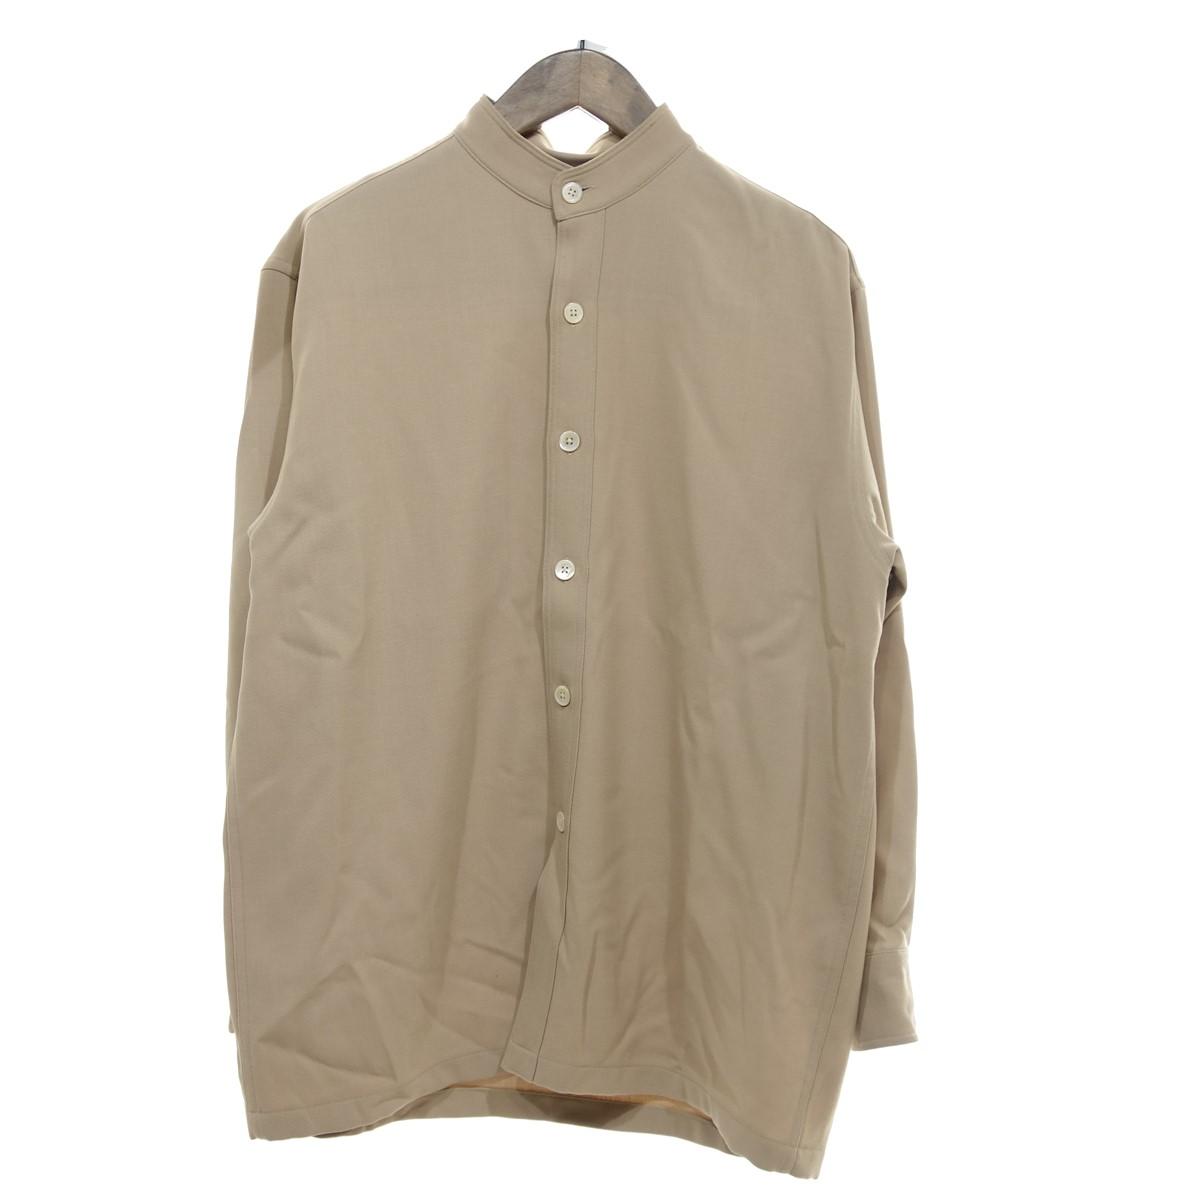 【中古】AURALEE 19AW HARD TWIST WOOL BARATHEA SH スタンドカラーシャツ ベージュ サイズ:1 【070420】(オーラリー)